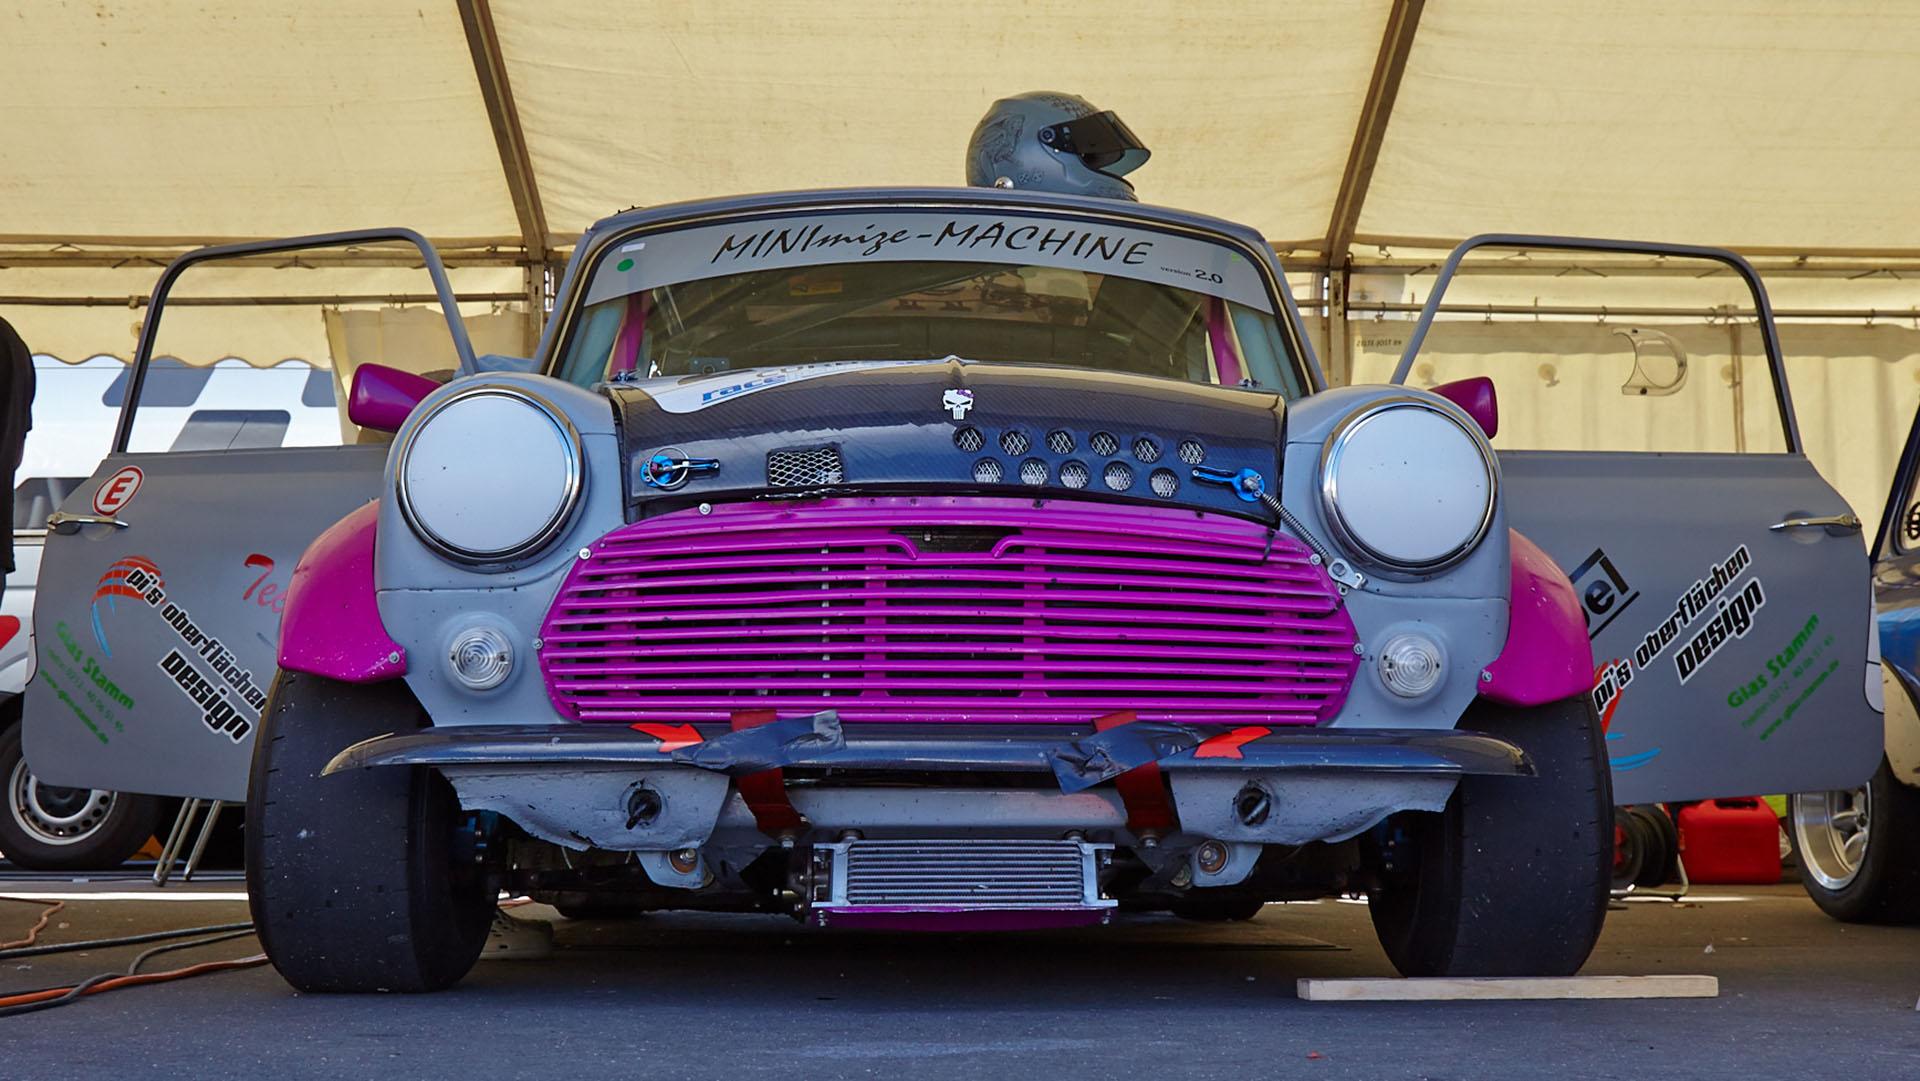 Fotodesign-matthias-schütz-racing-mini-machine